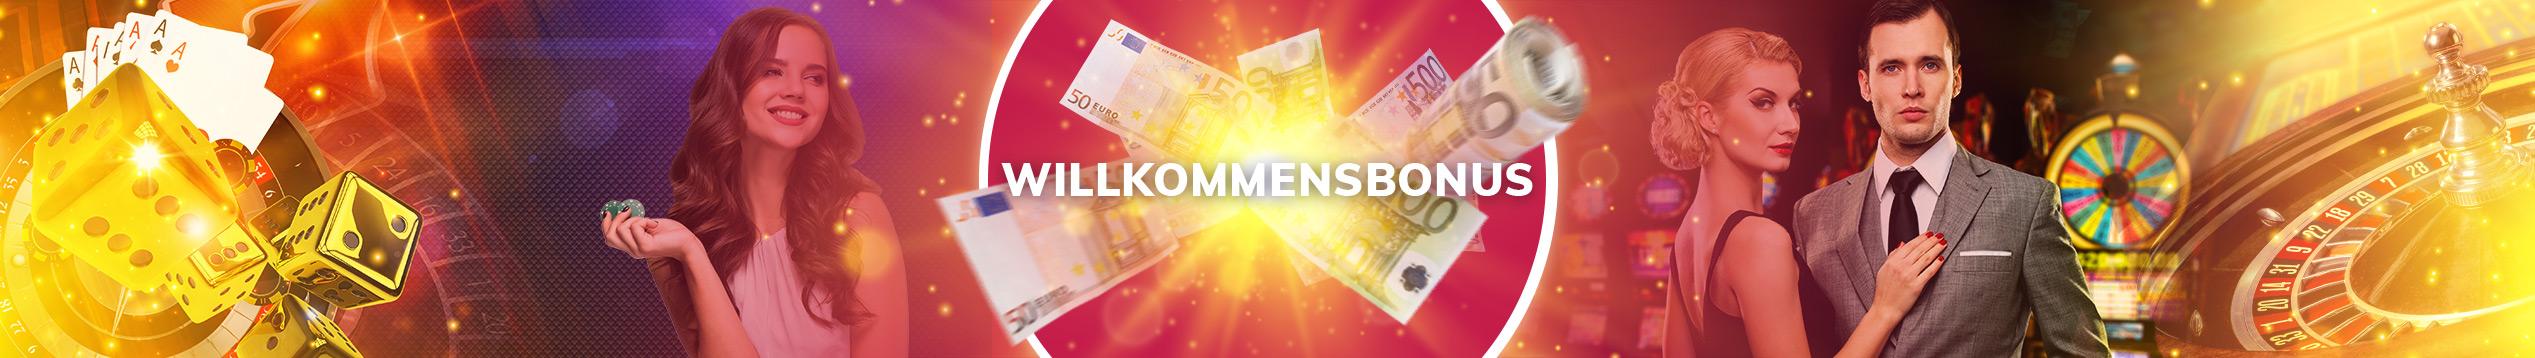 Willkommensbonus in Höhe von bis zu 100€